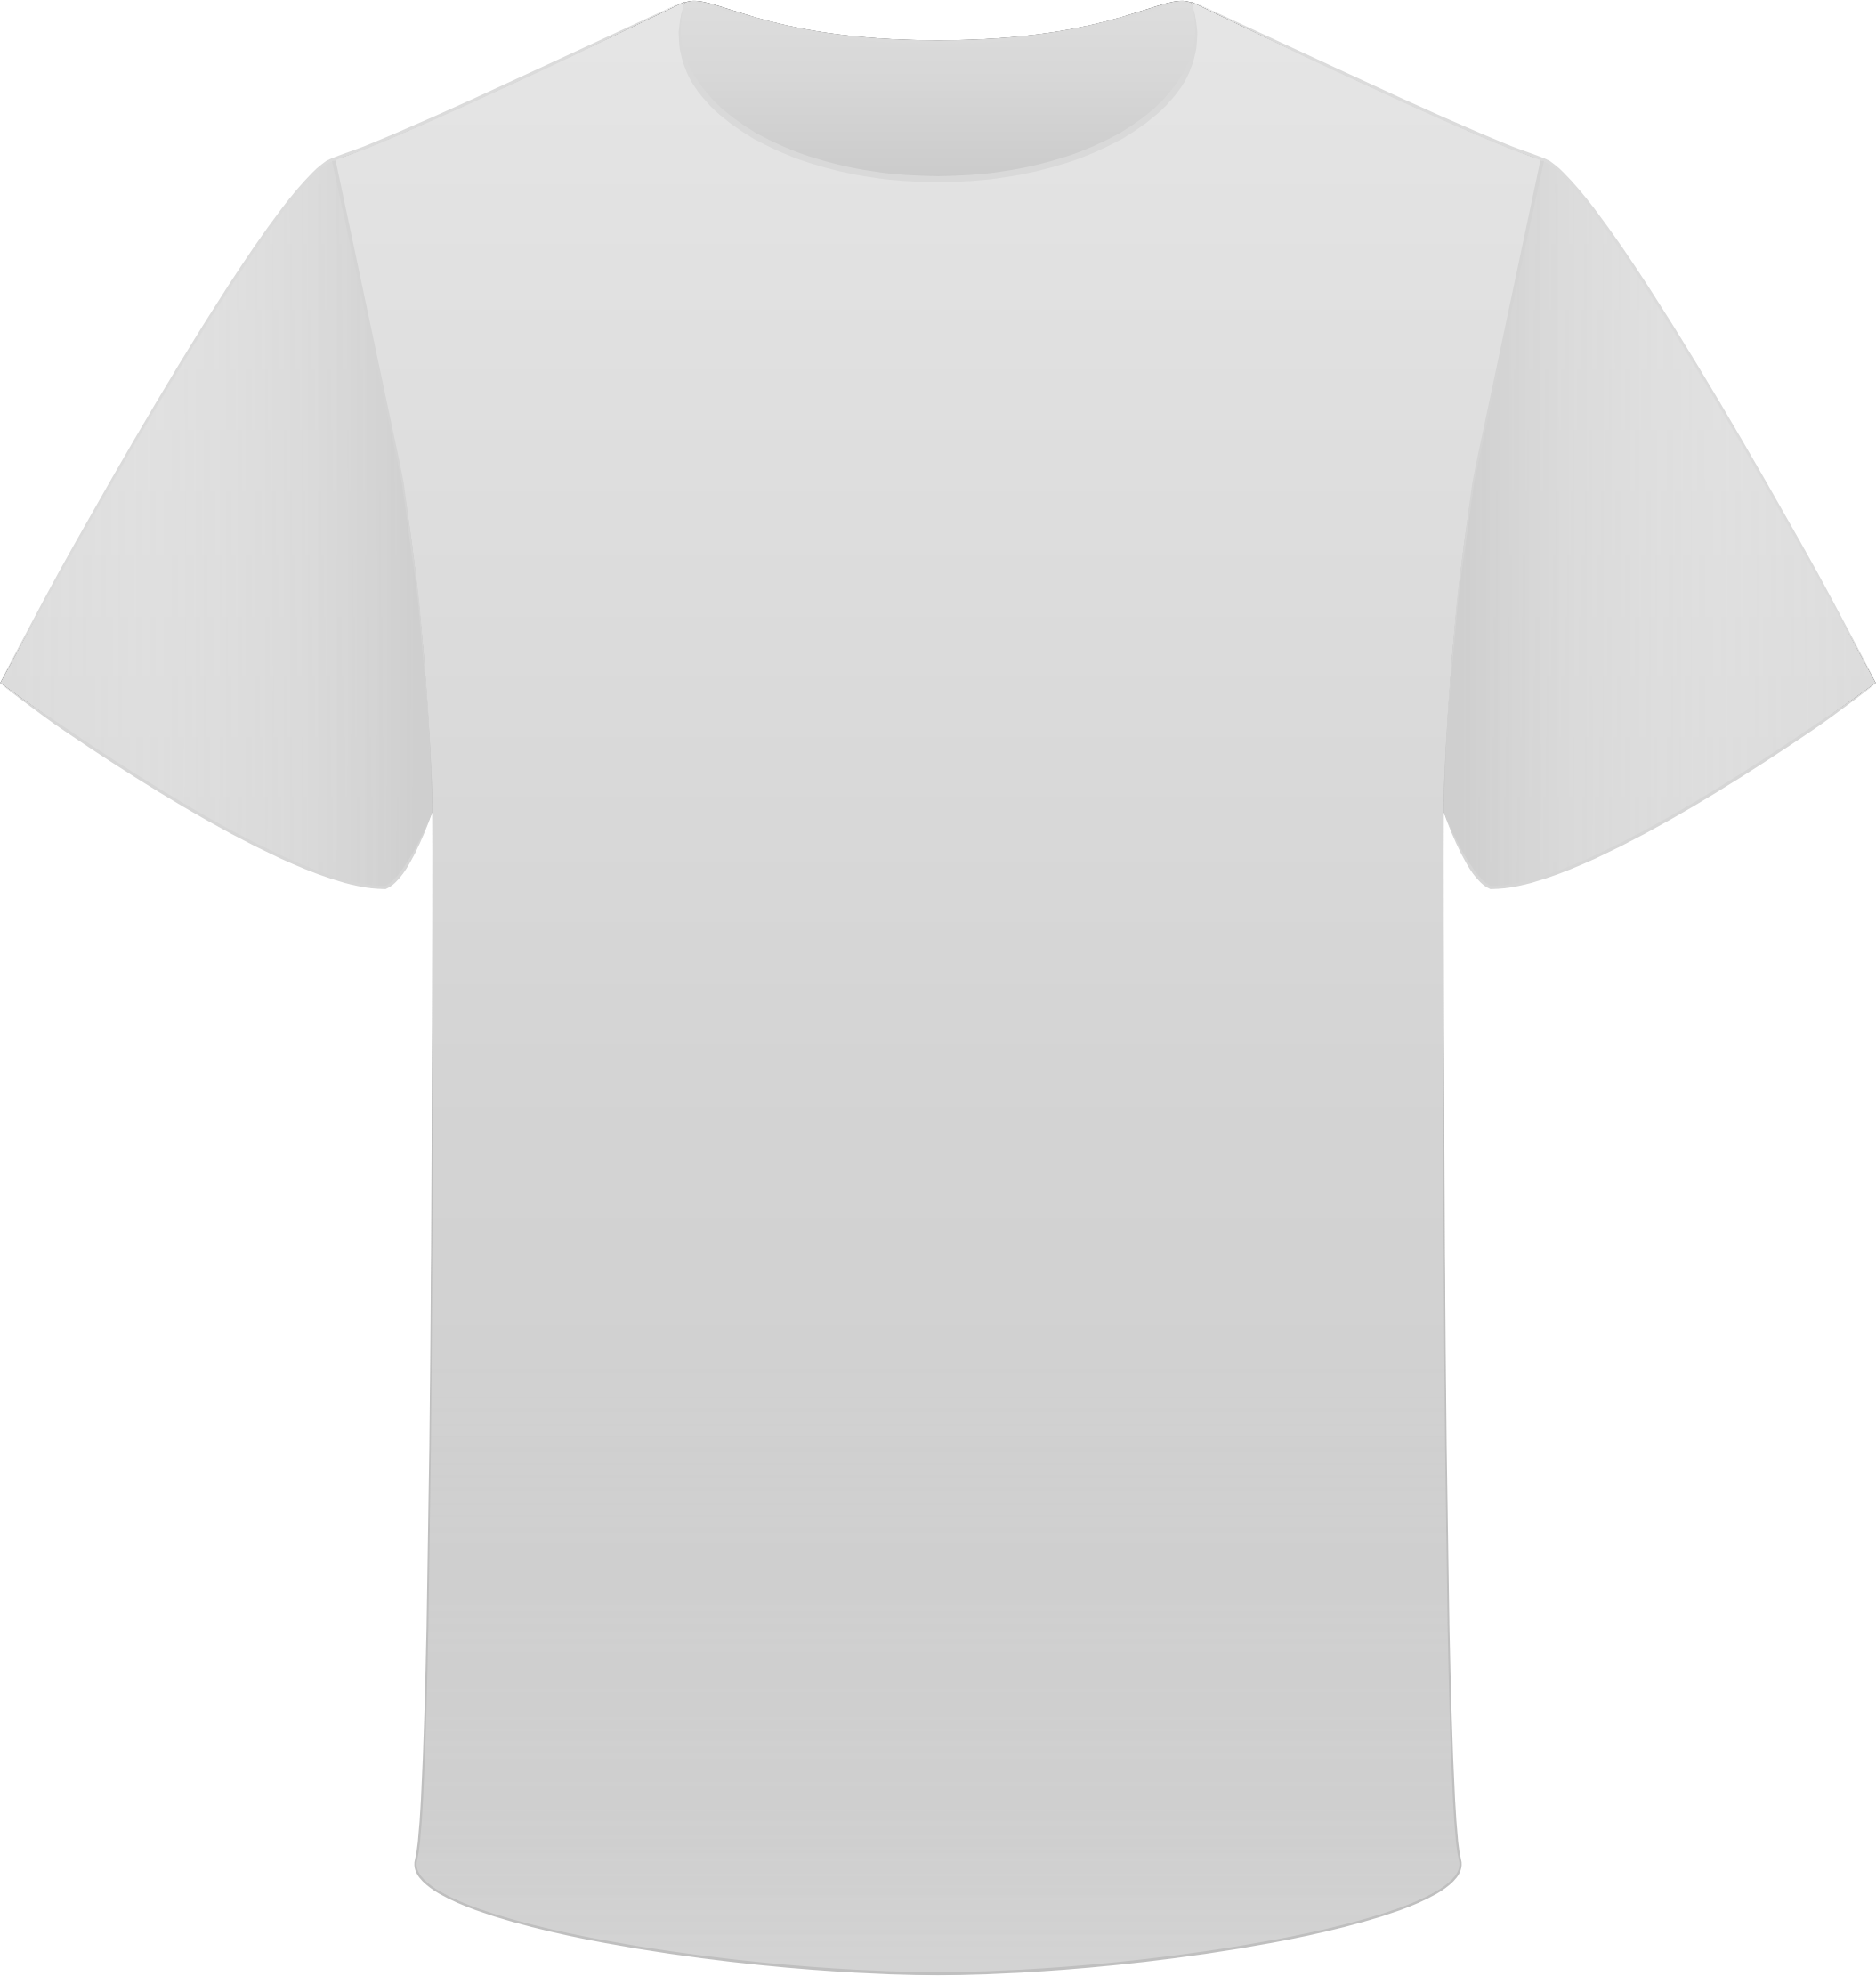 T big image png. Clipart shirt gray shirt